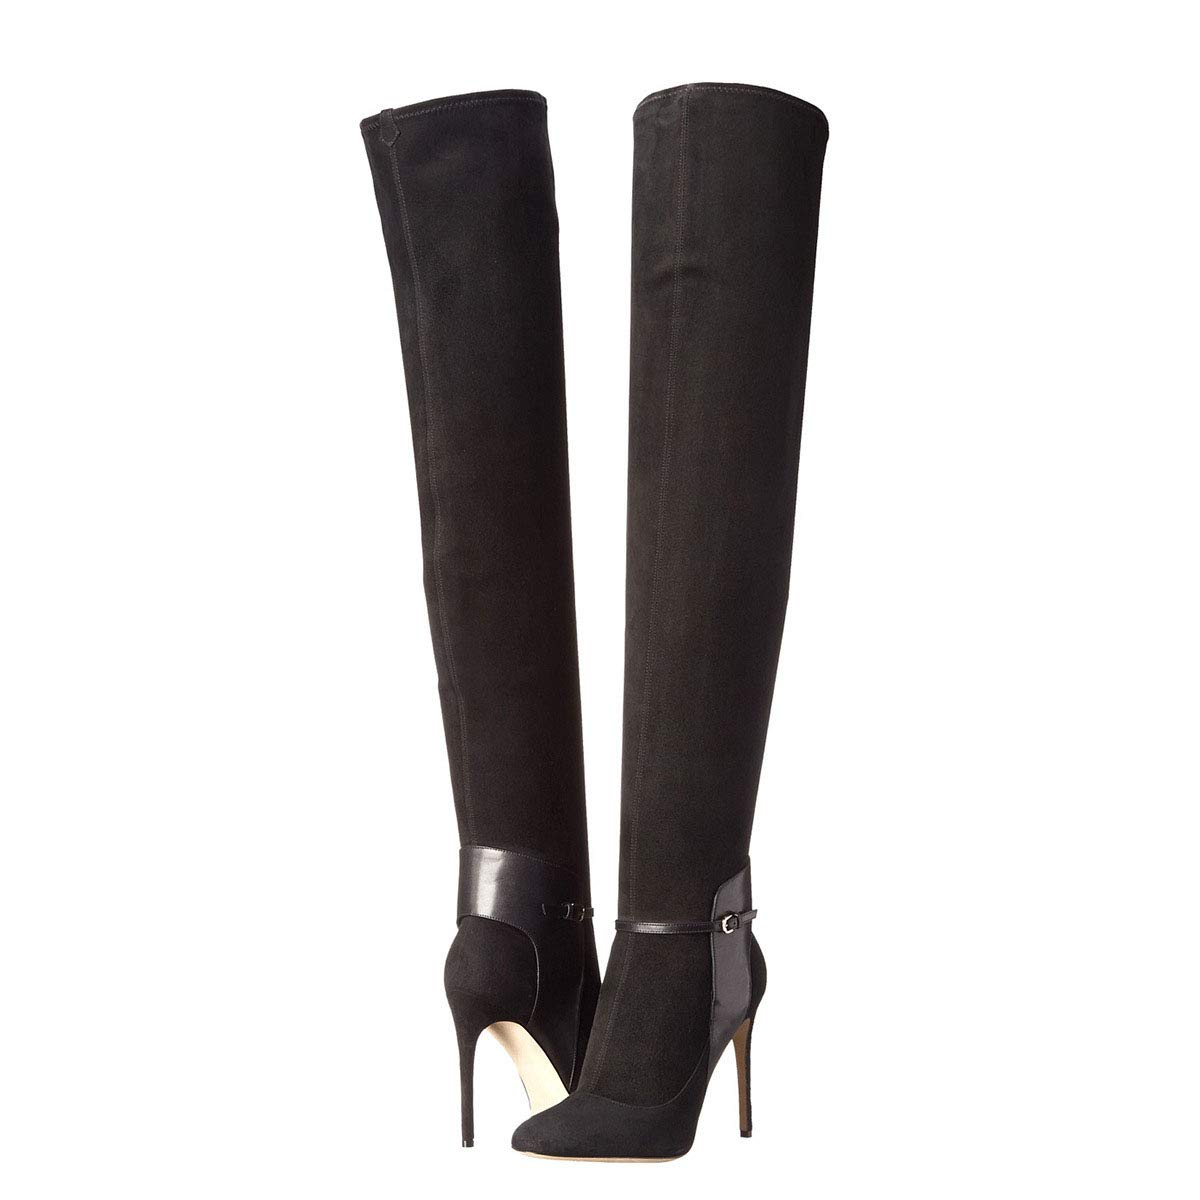 ZHAOYUNZHEN Stiletto Kniehohe Stiefel für Damen im Herbst und Winter